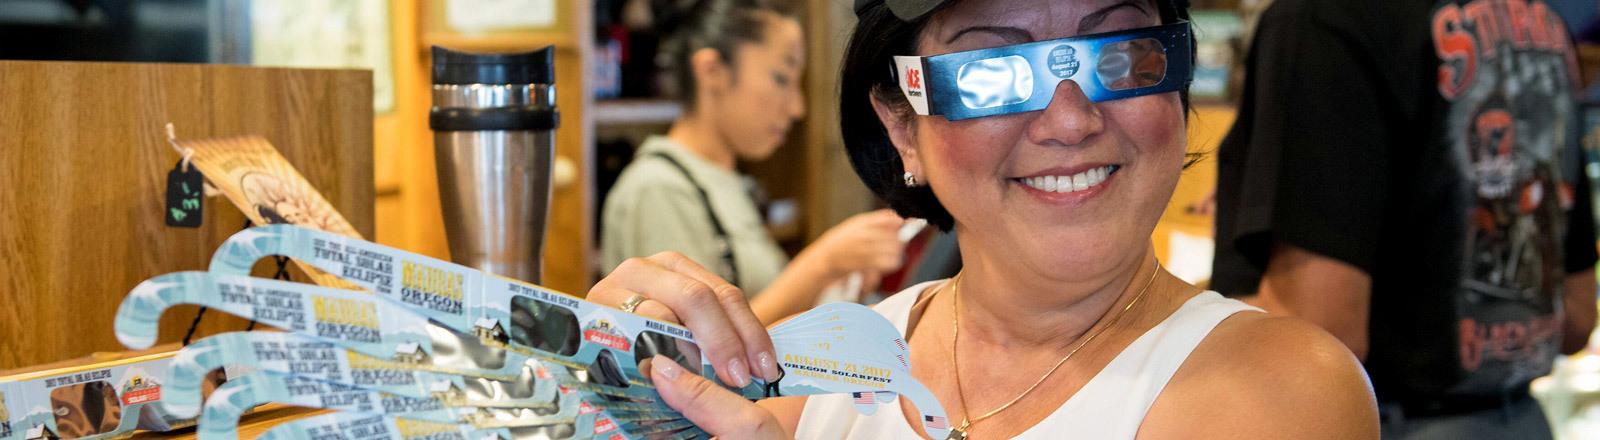 Eine US-Amerikanerin hält sieben spezielle Brillen in der Hand, mit denen sich eine Sonnenfinsternis beobachten lässt.